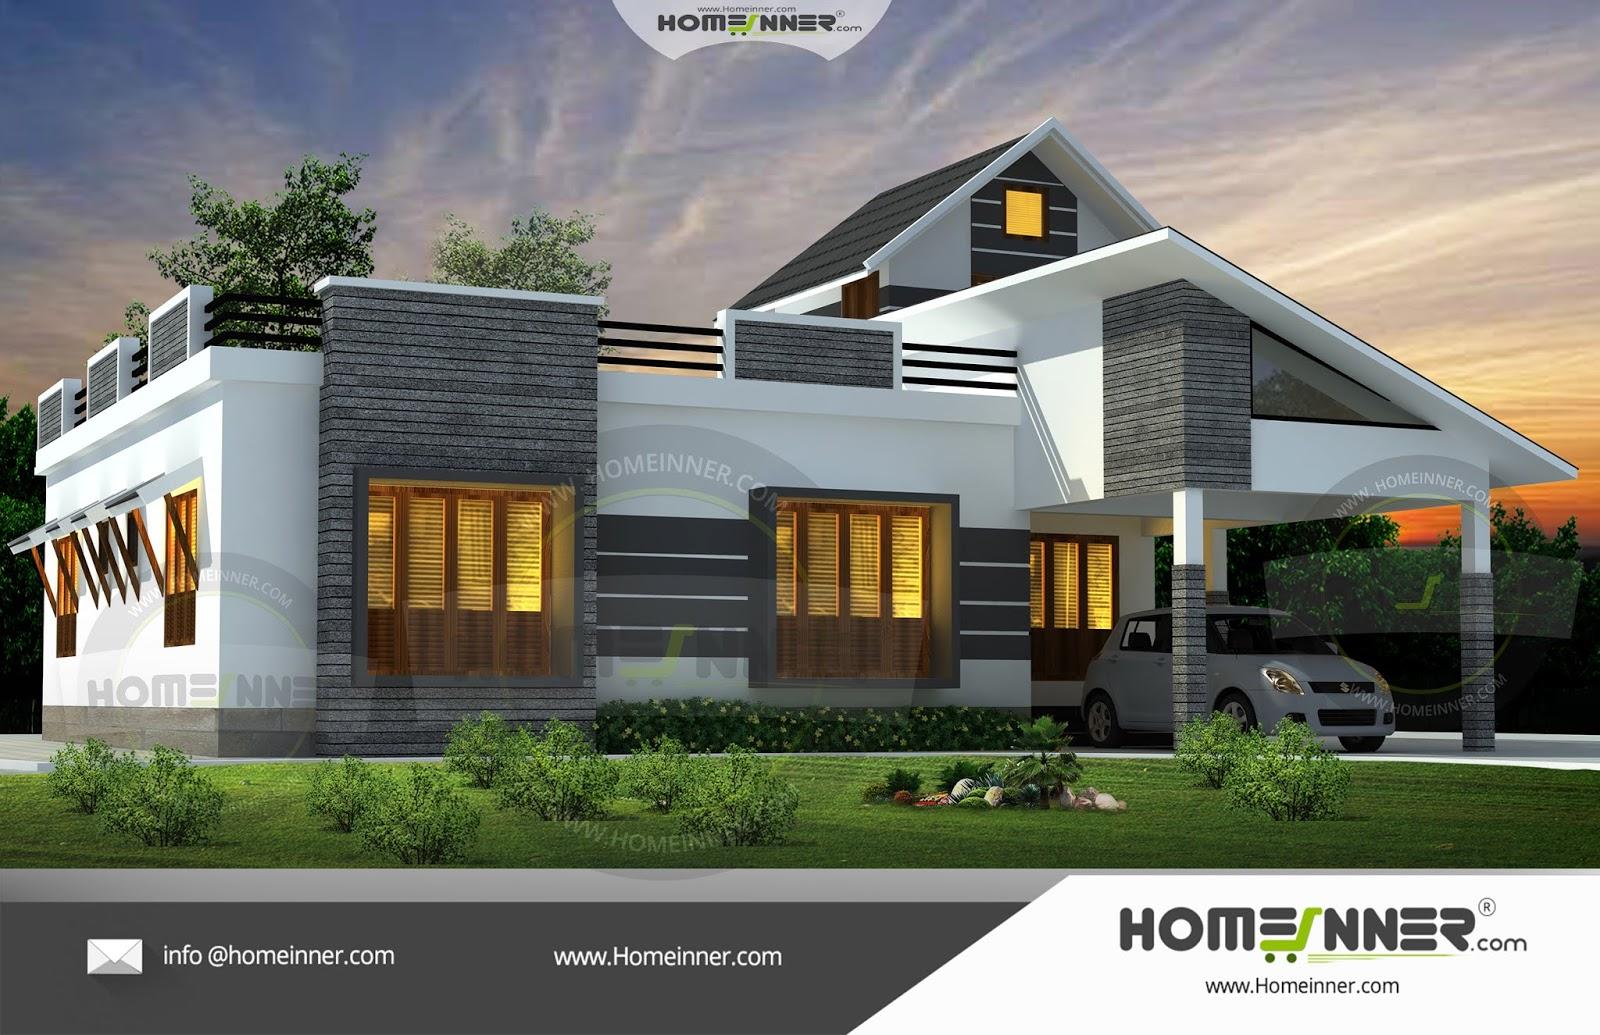 1676 sqft 3 Bhk Single Floor Low Cost Kerala Home Design